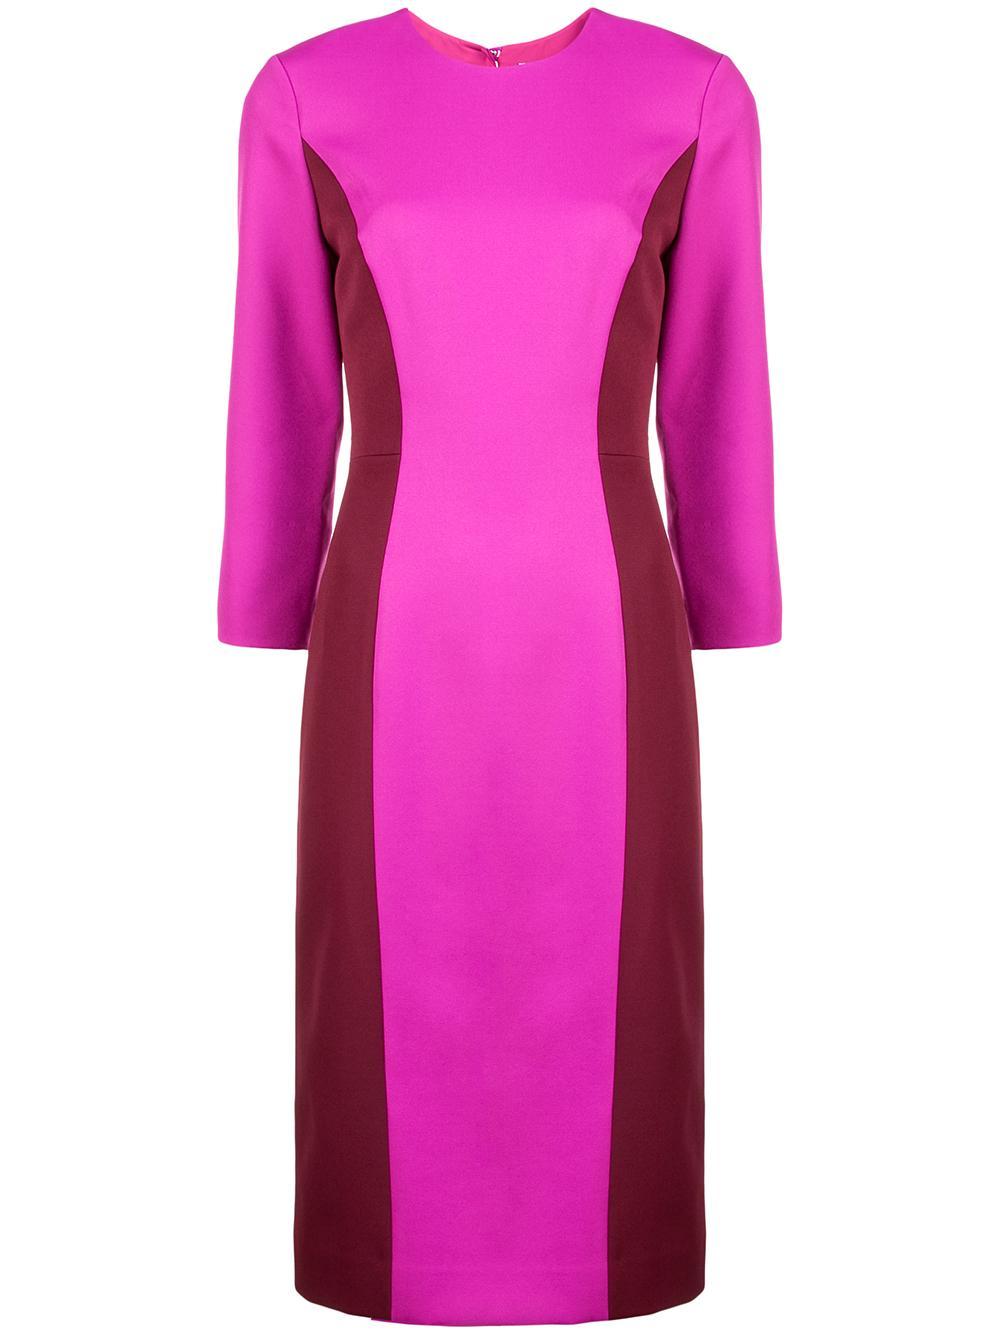 Elbow Sleeve Scuba Dress Item # 212CE014060